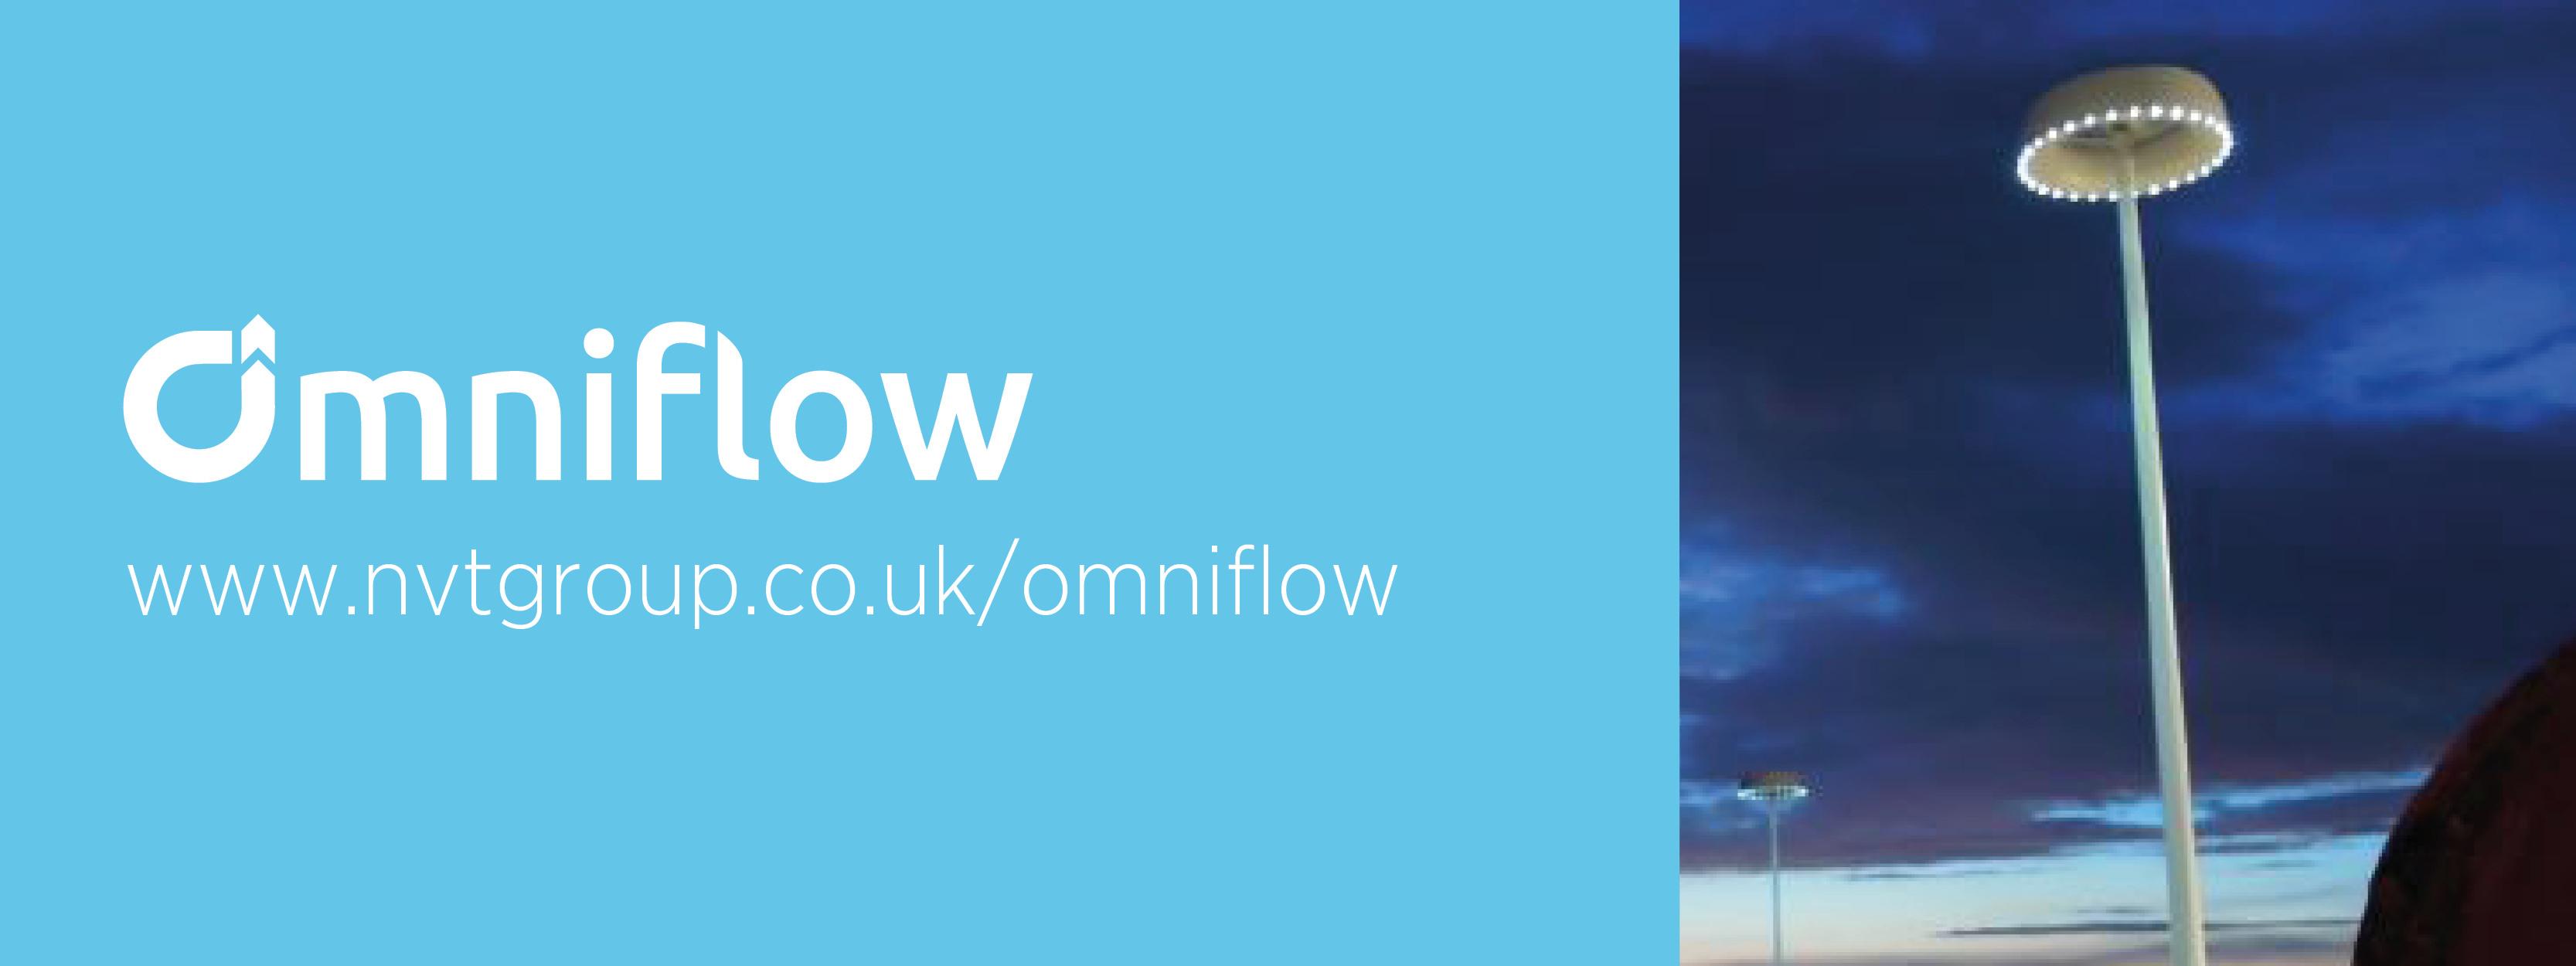 Omniflow-pageheader